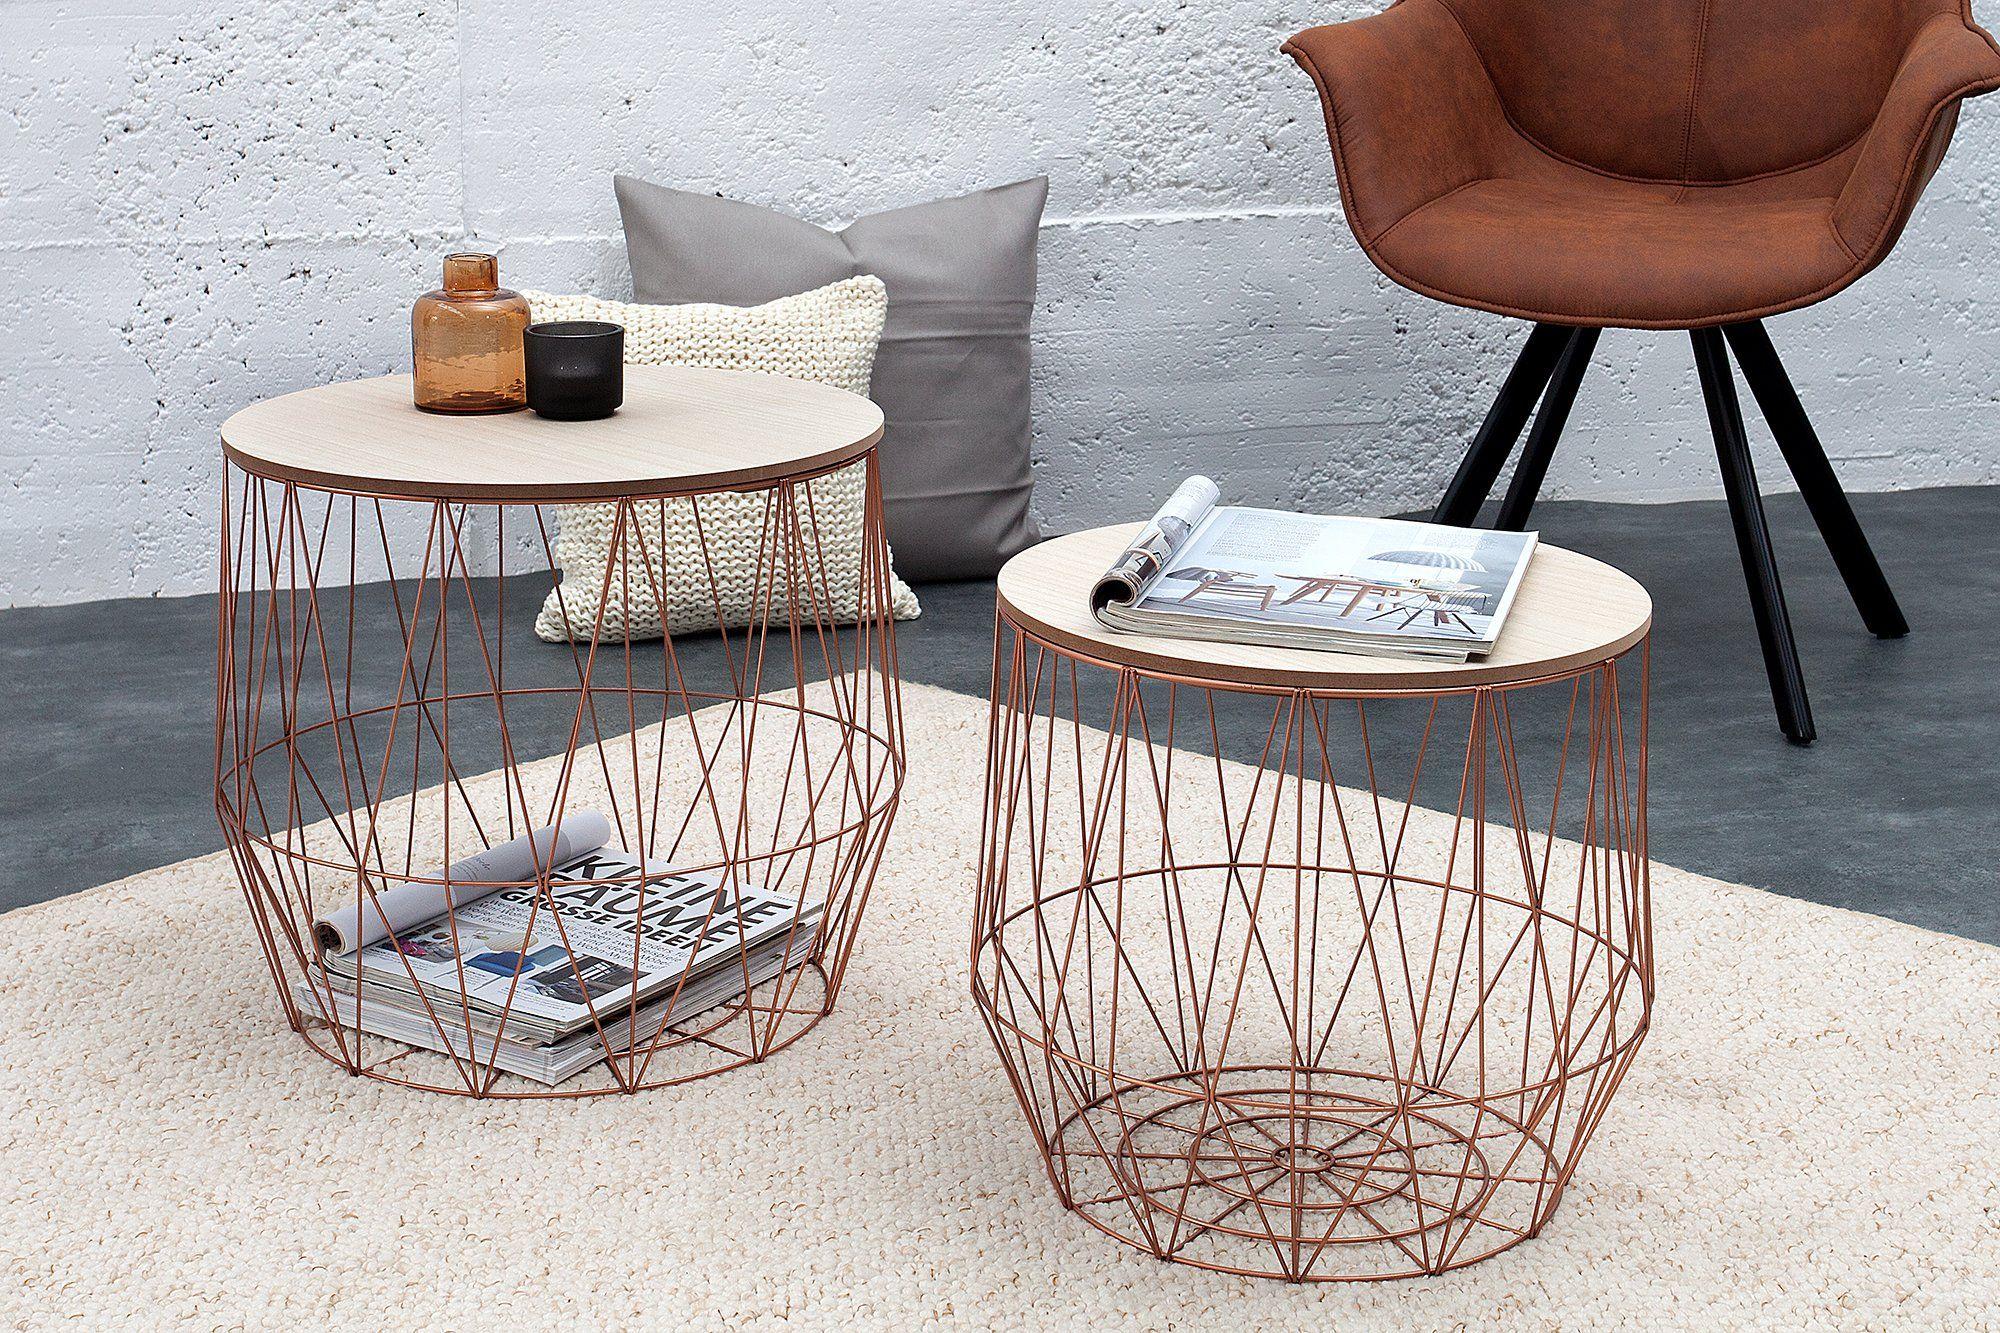 Dunord Design Beistelltisch Korb Metall Rund 2er Set Couchtisch Arezzo Kupfer Eiche Tisch Ablage In 2020 Couchtisch Modern Beistelltische Couchtisch